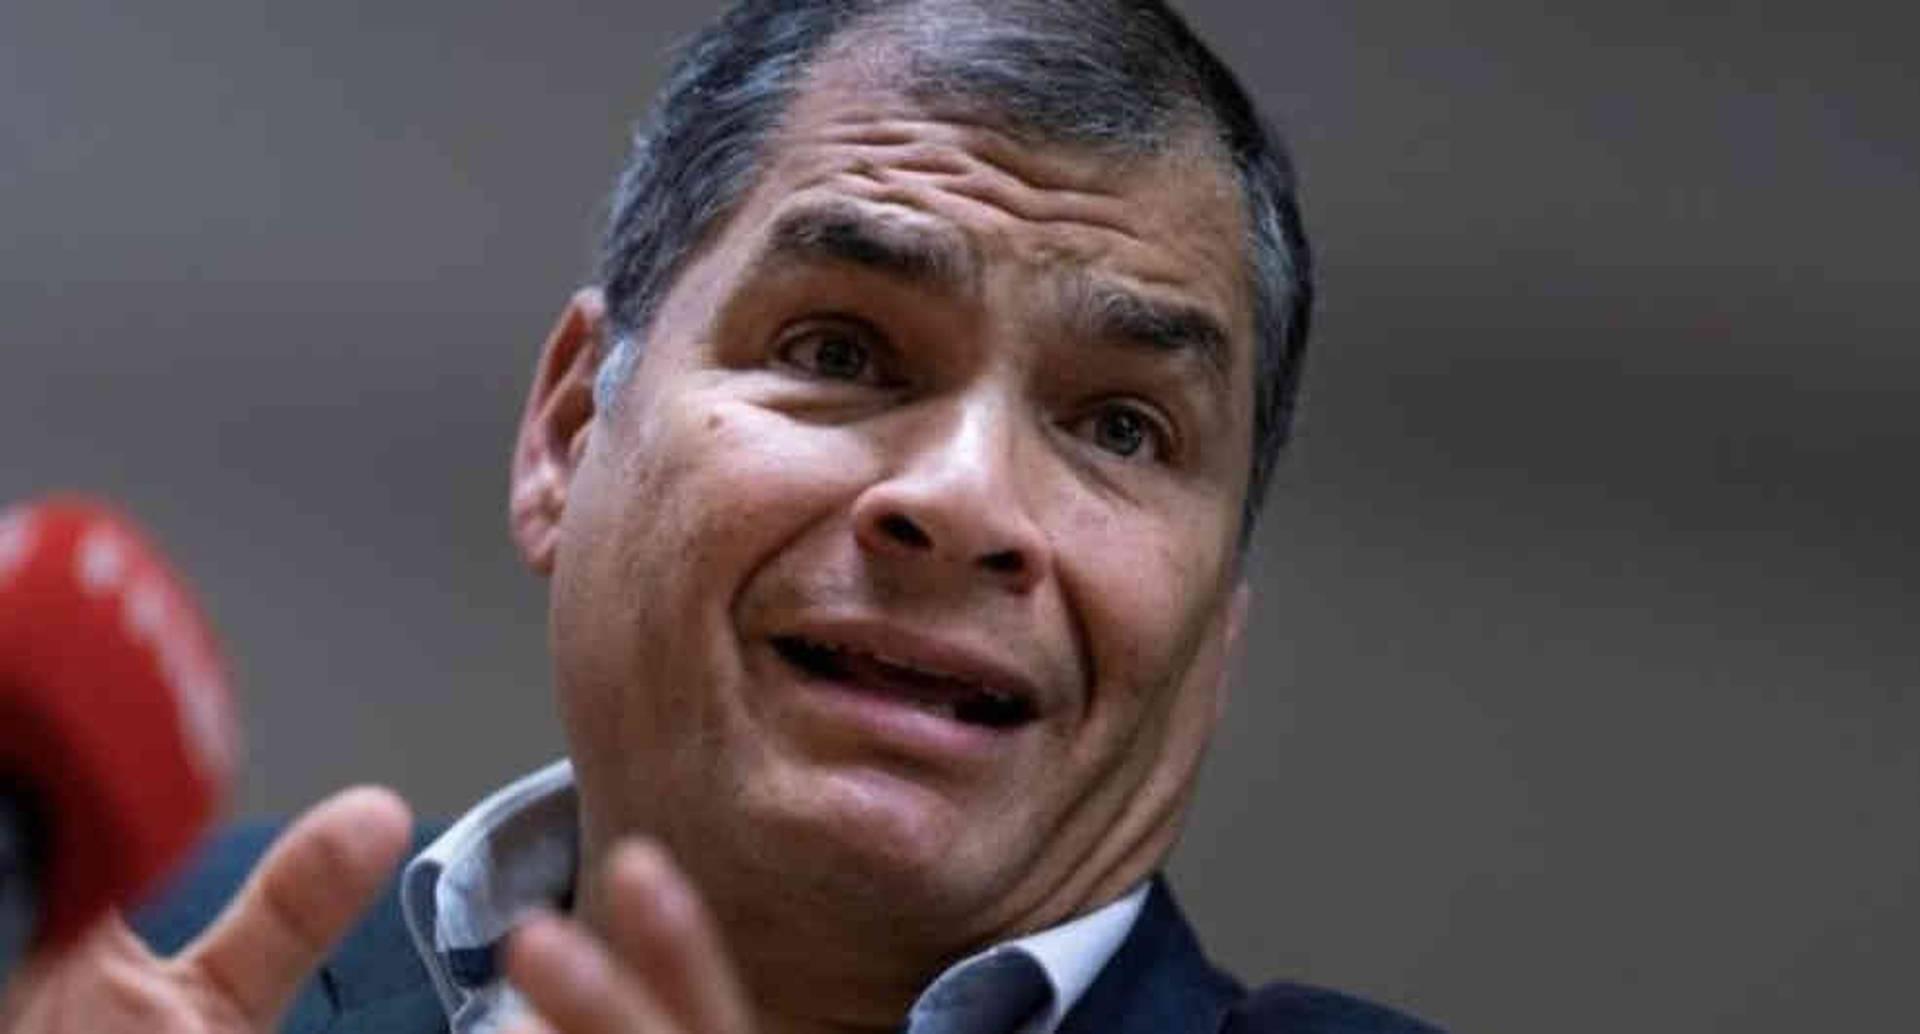 Derechos de autor de la imagenGETTY IMAGES Image caption Rafael Correa rechaza que esté detrás de un golpe de Estado en Ecuador. Foto: Getty/BBC